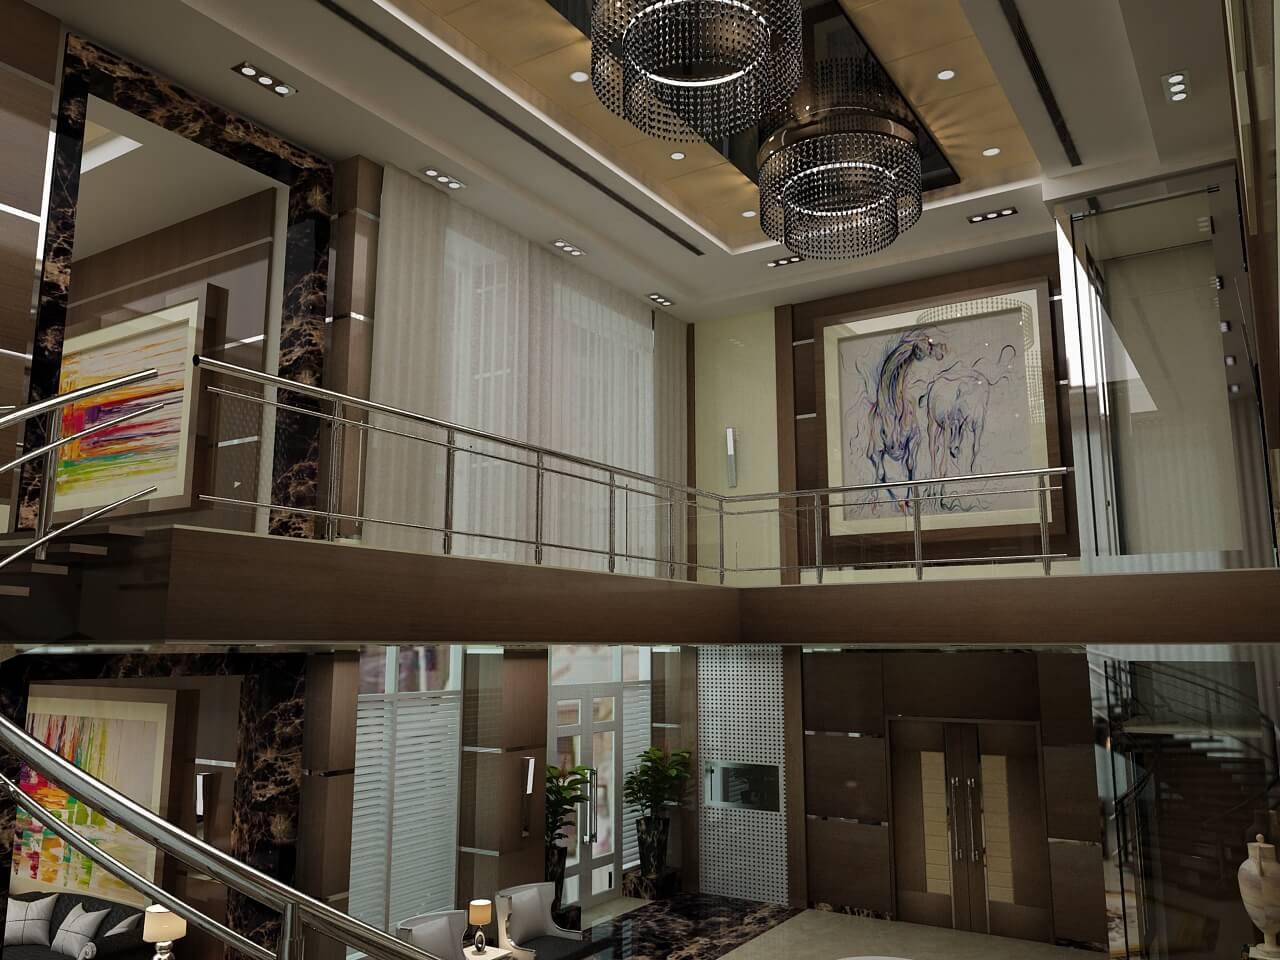 Private Villa - Khawanji, Dubai - 6